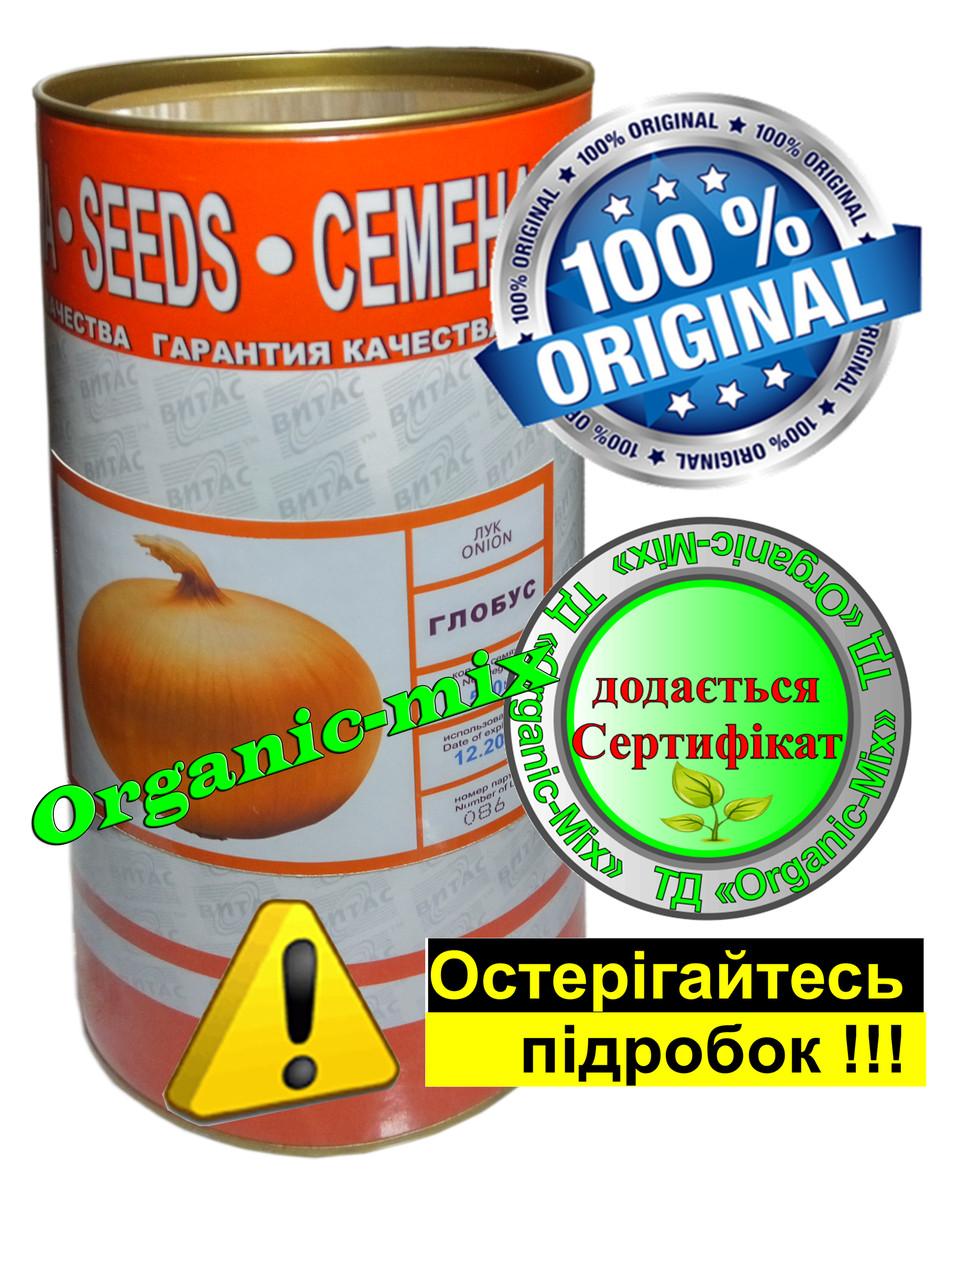 Профессиональные Семена лука Глобус, инкрустированные, 500 г Фермерская банка